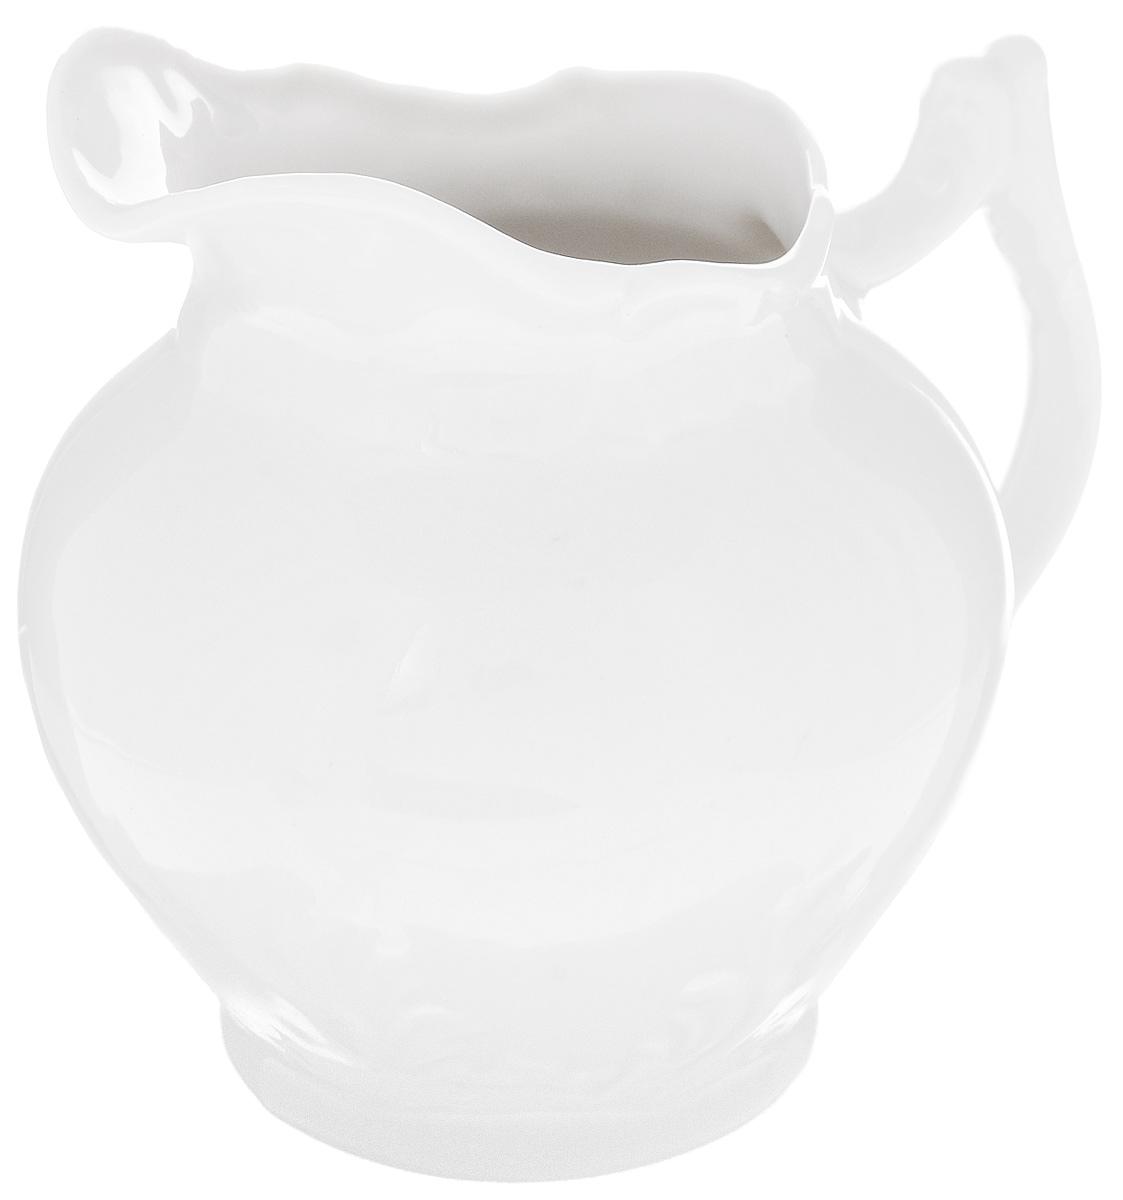 Сливочник Фарфор Вербилок, 350 мл3814000БСливочник Фарфор Вербилок выполнен из высококачественного фарфора. Это изделие предназначено для того, чтобы красиво и аппетитно подавать на стол сливки или молоко к чаю, кофе, супу или фруктам.Размер сливочника (по верхнему краю): 6 х 7,5 см.Высота сливочника: 11,5 см.